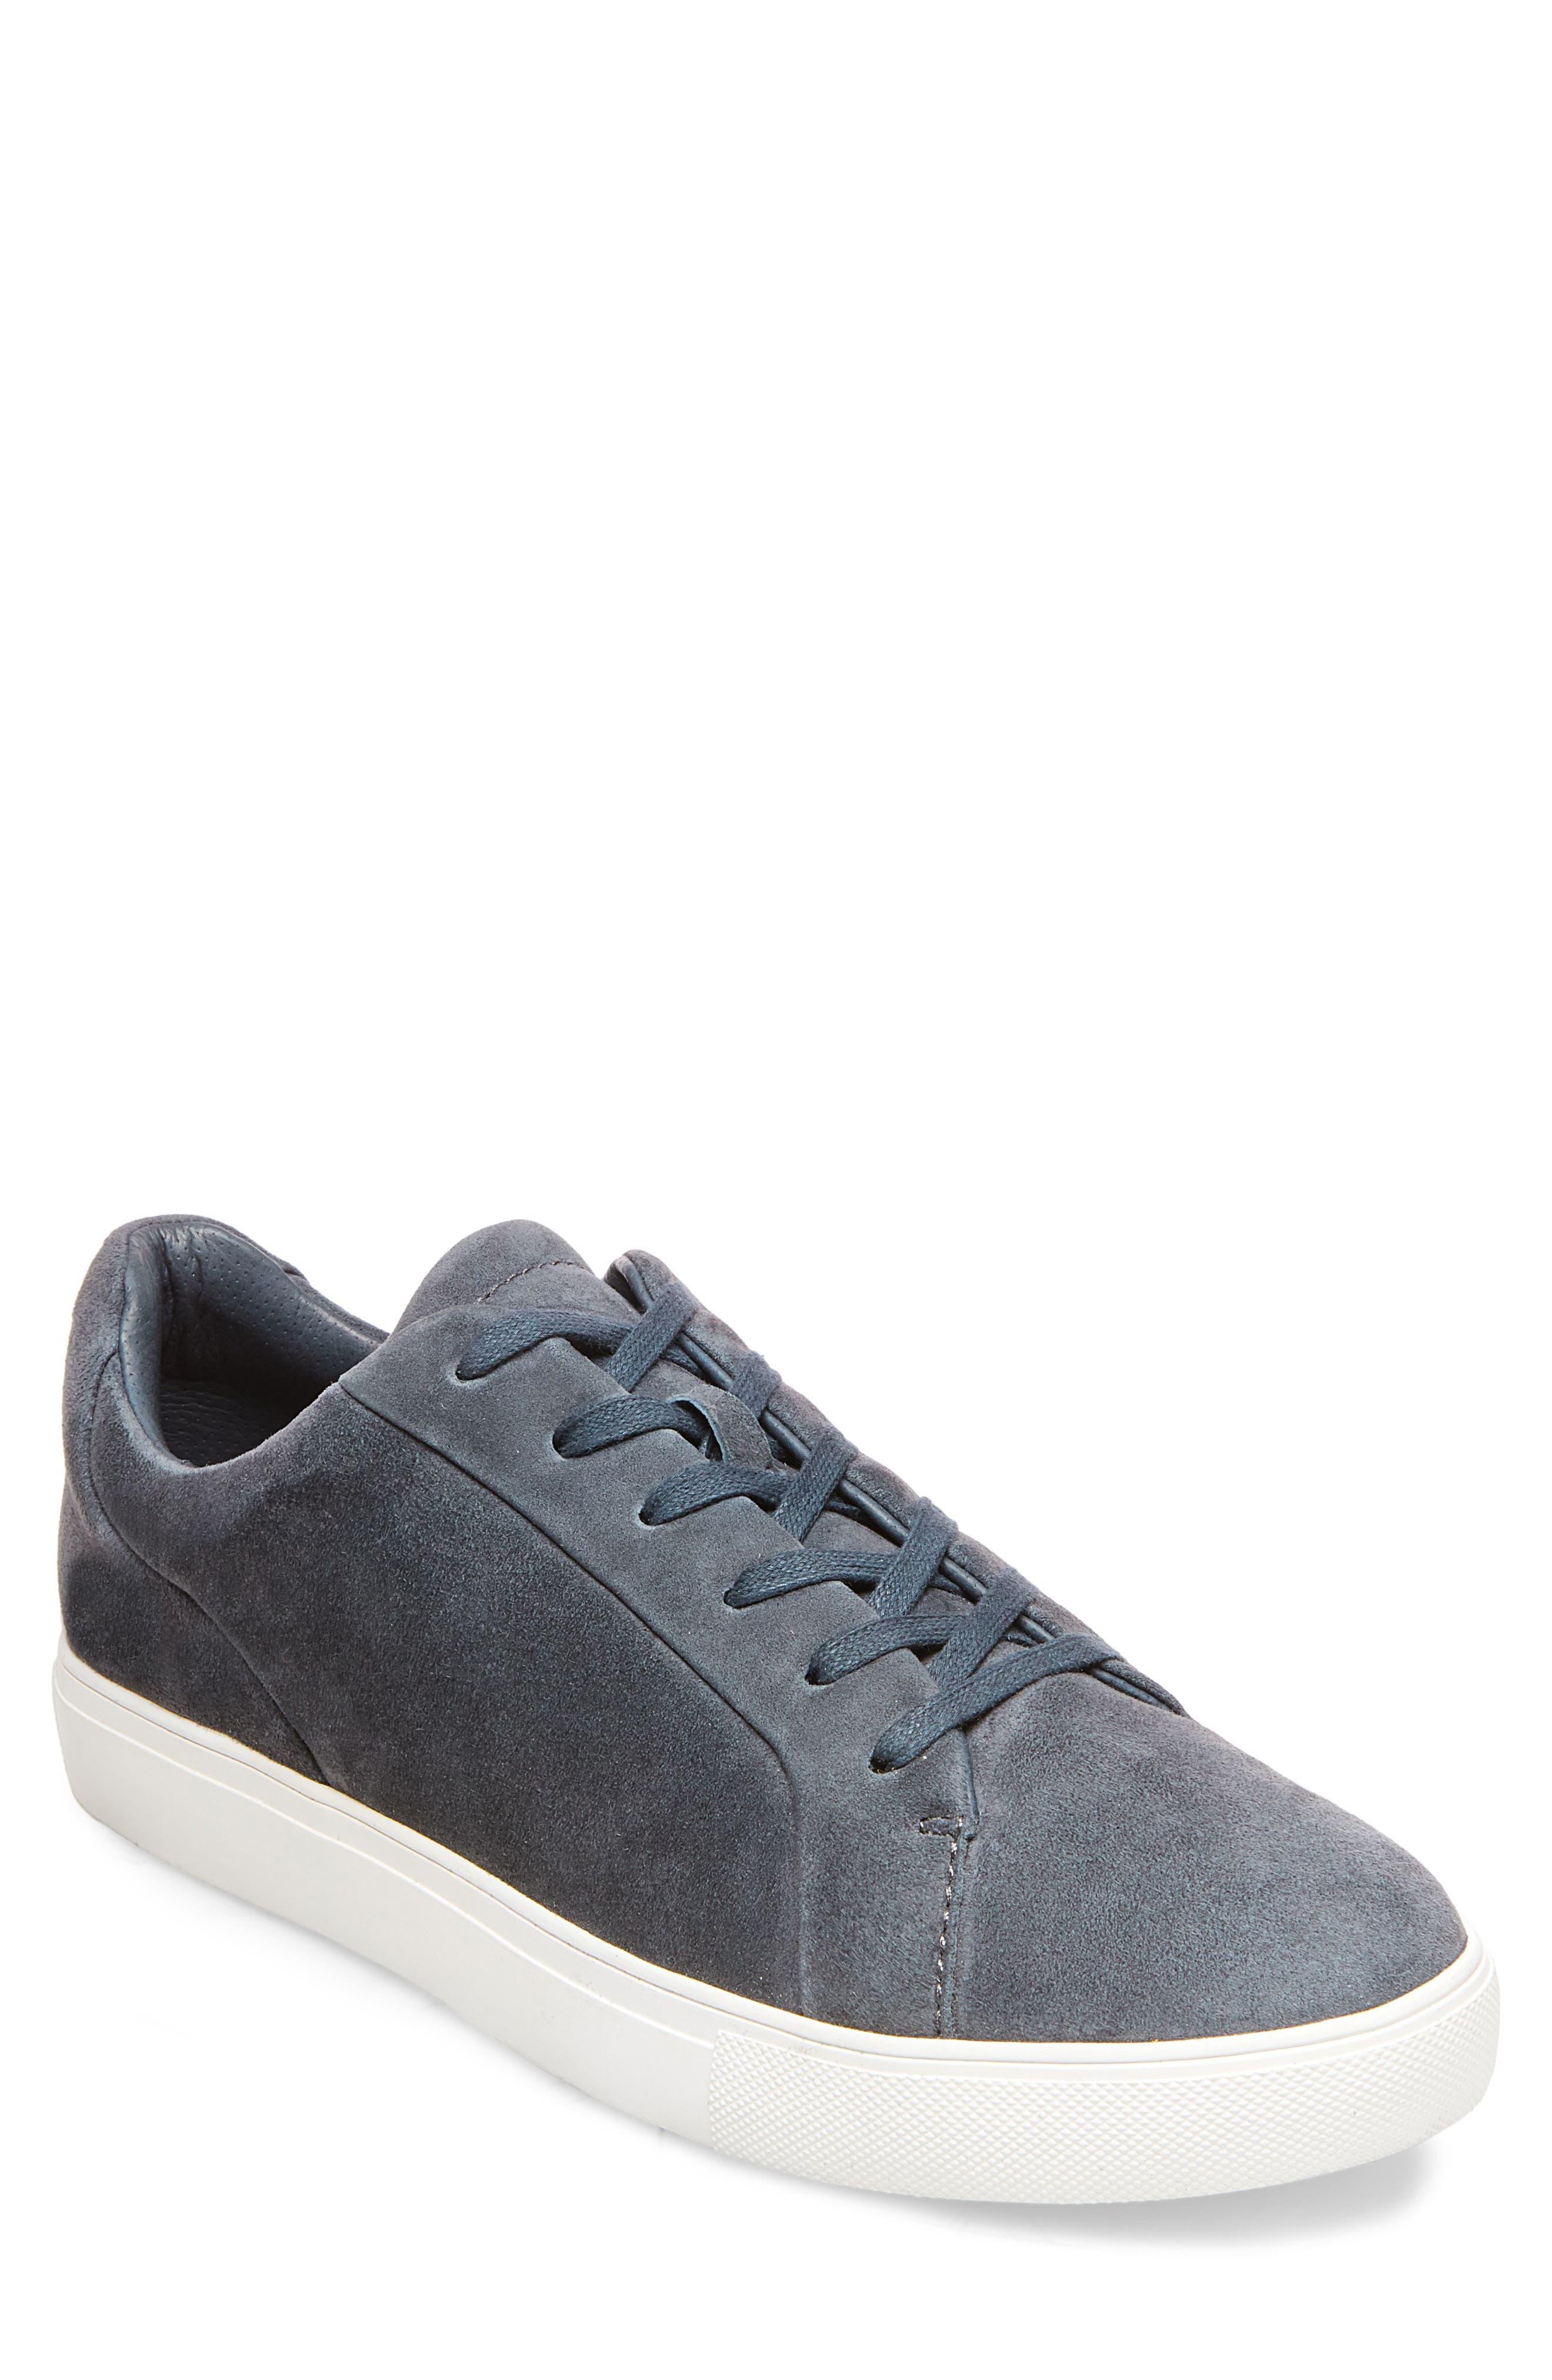 Steve Madden x GQ James Sneaker (Men)